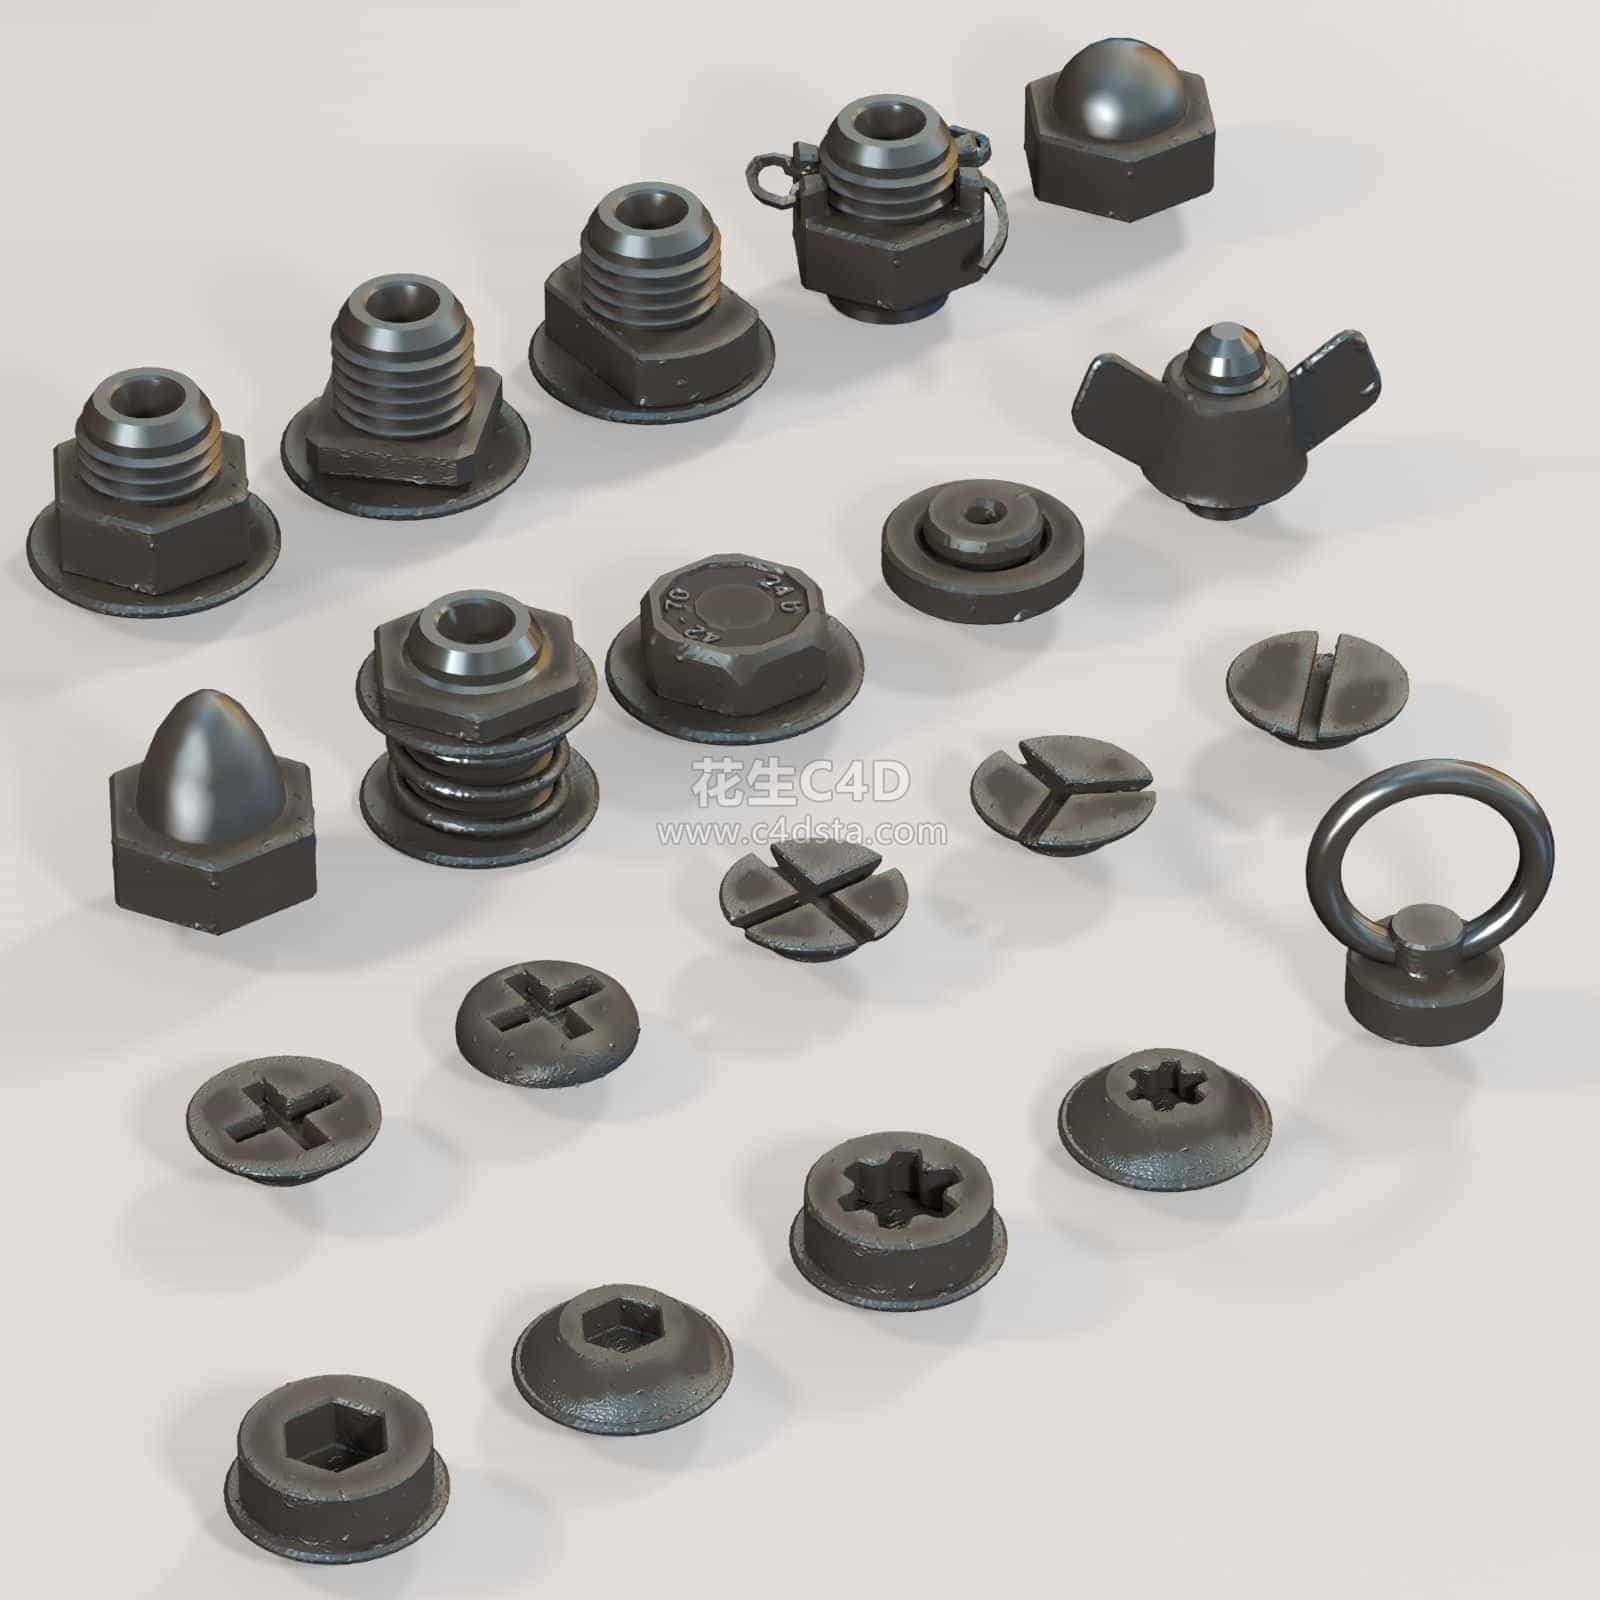 三维模型-常用机械零部件螺丝螺母配套大全 626CG资源站